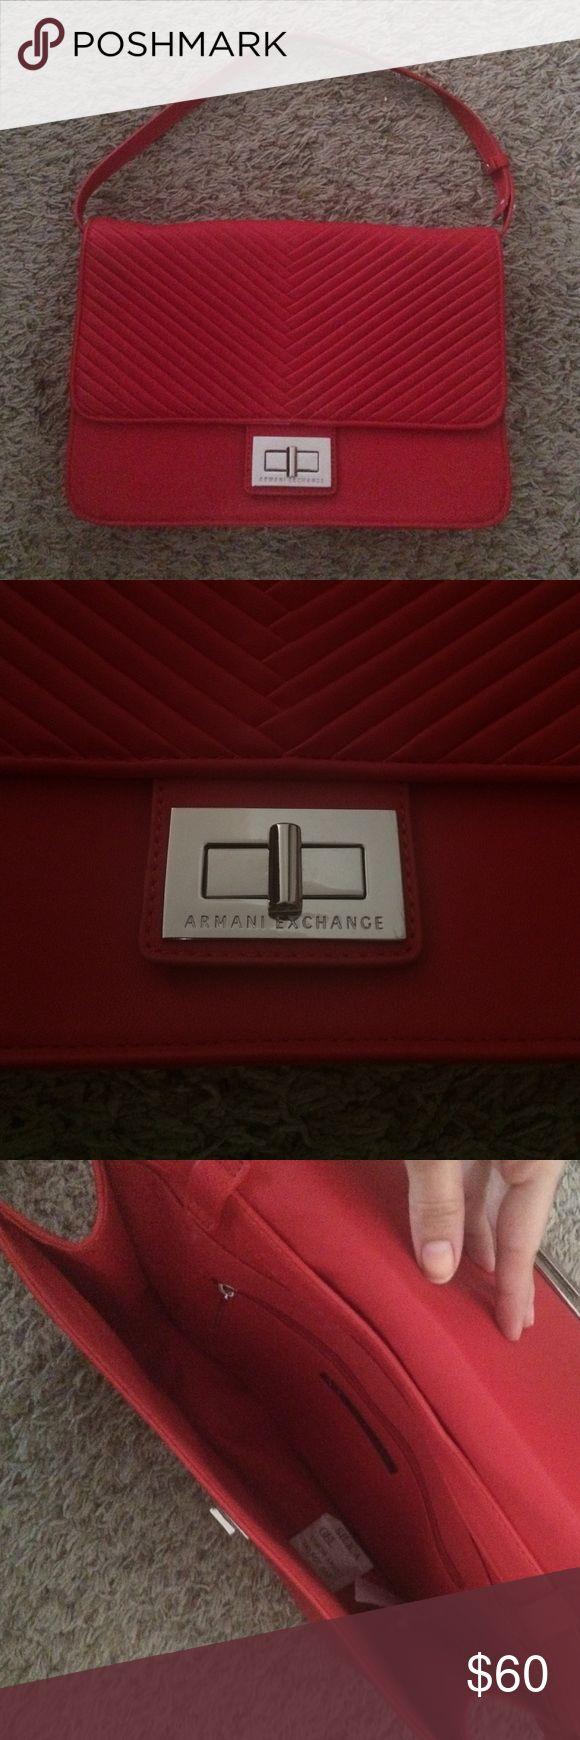 Armani exchange handbag Armani exchange red handbag Armani Exchange Bags Shoulder Bags